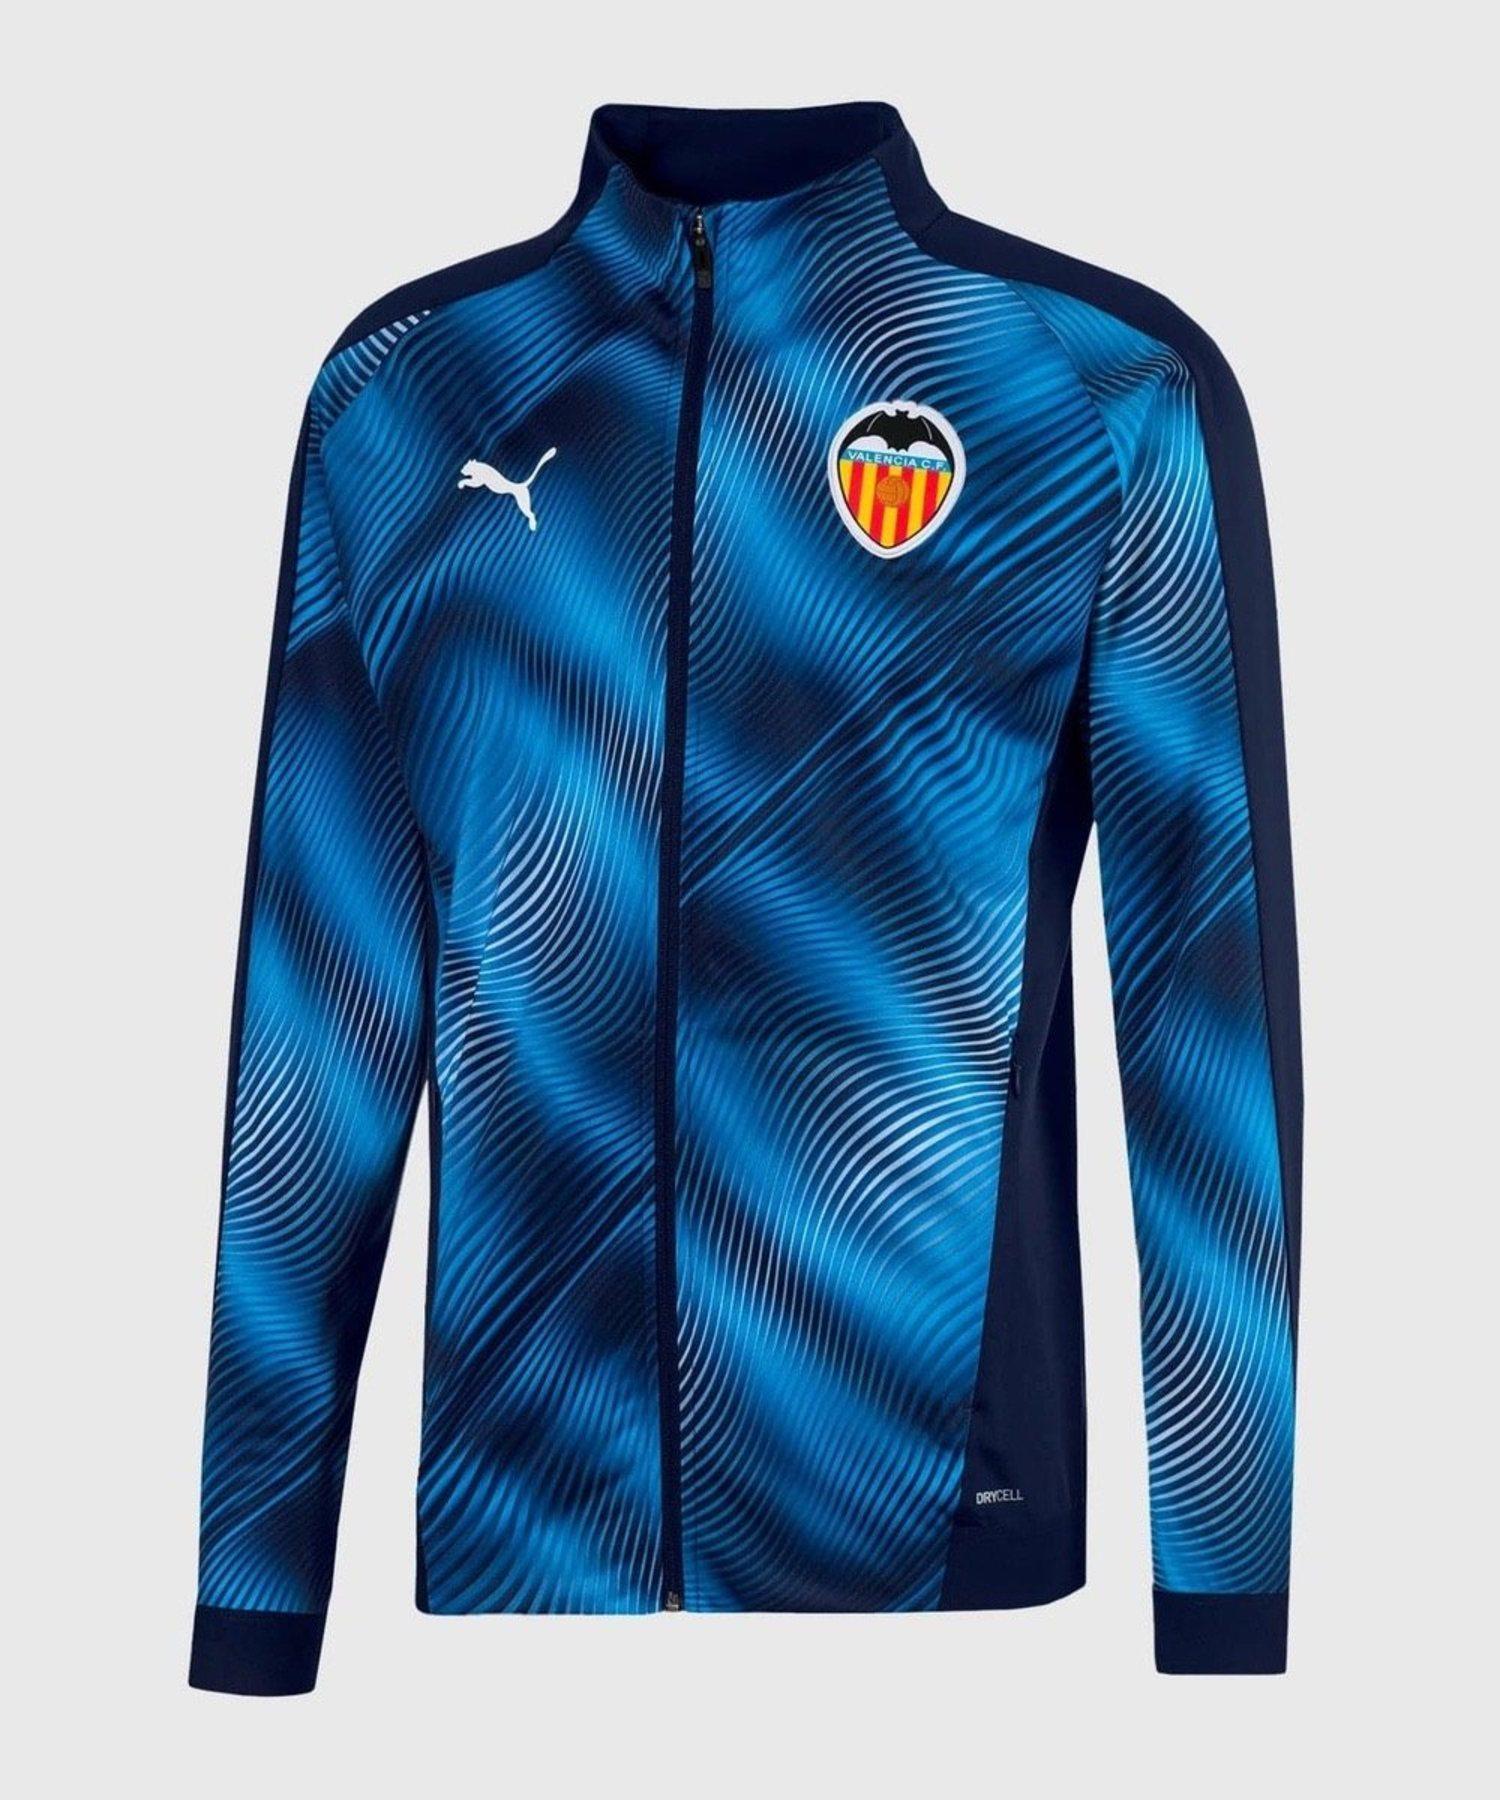 Sudadera azul y negra del Valencia CF